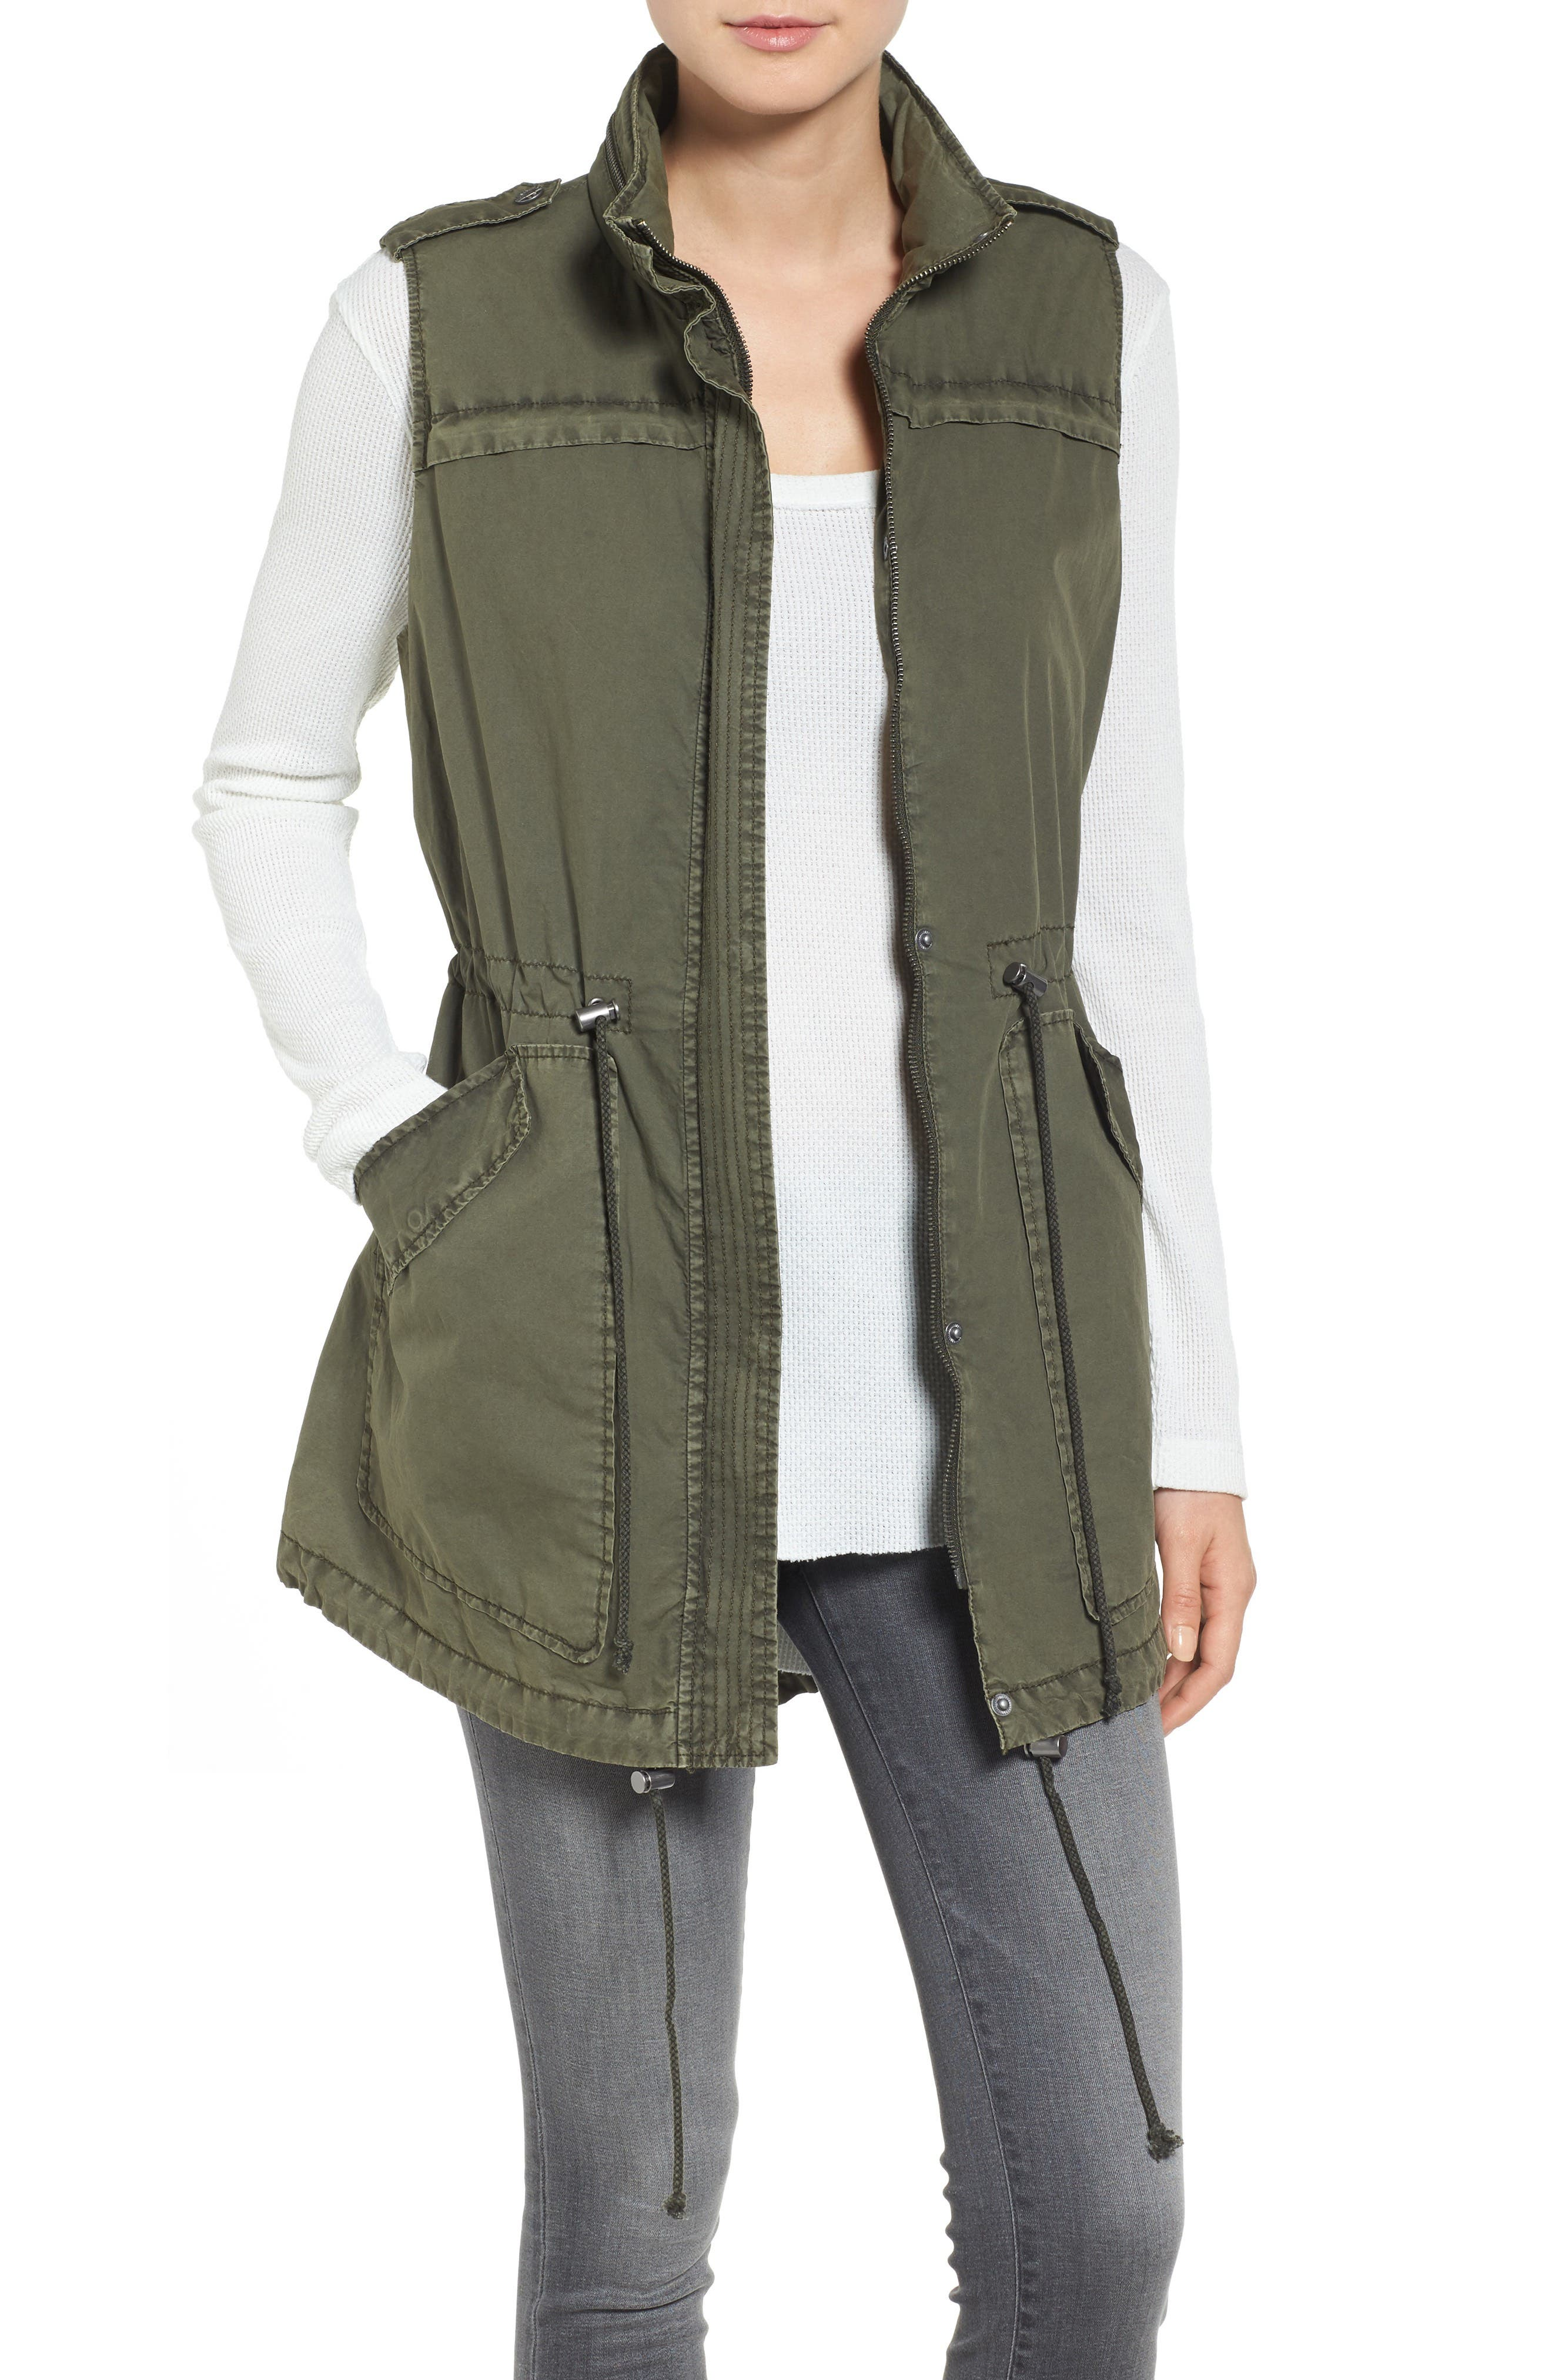 Levi's Parachute Cotton Vest